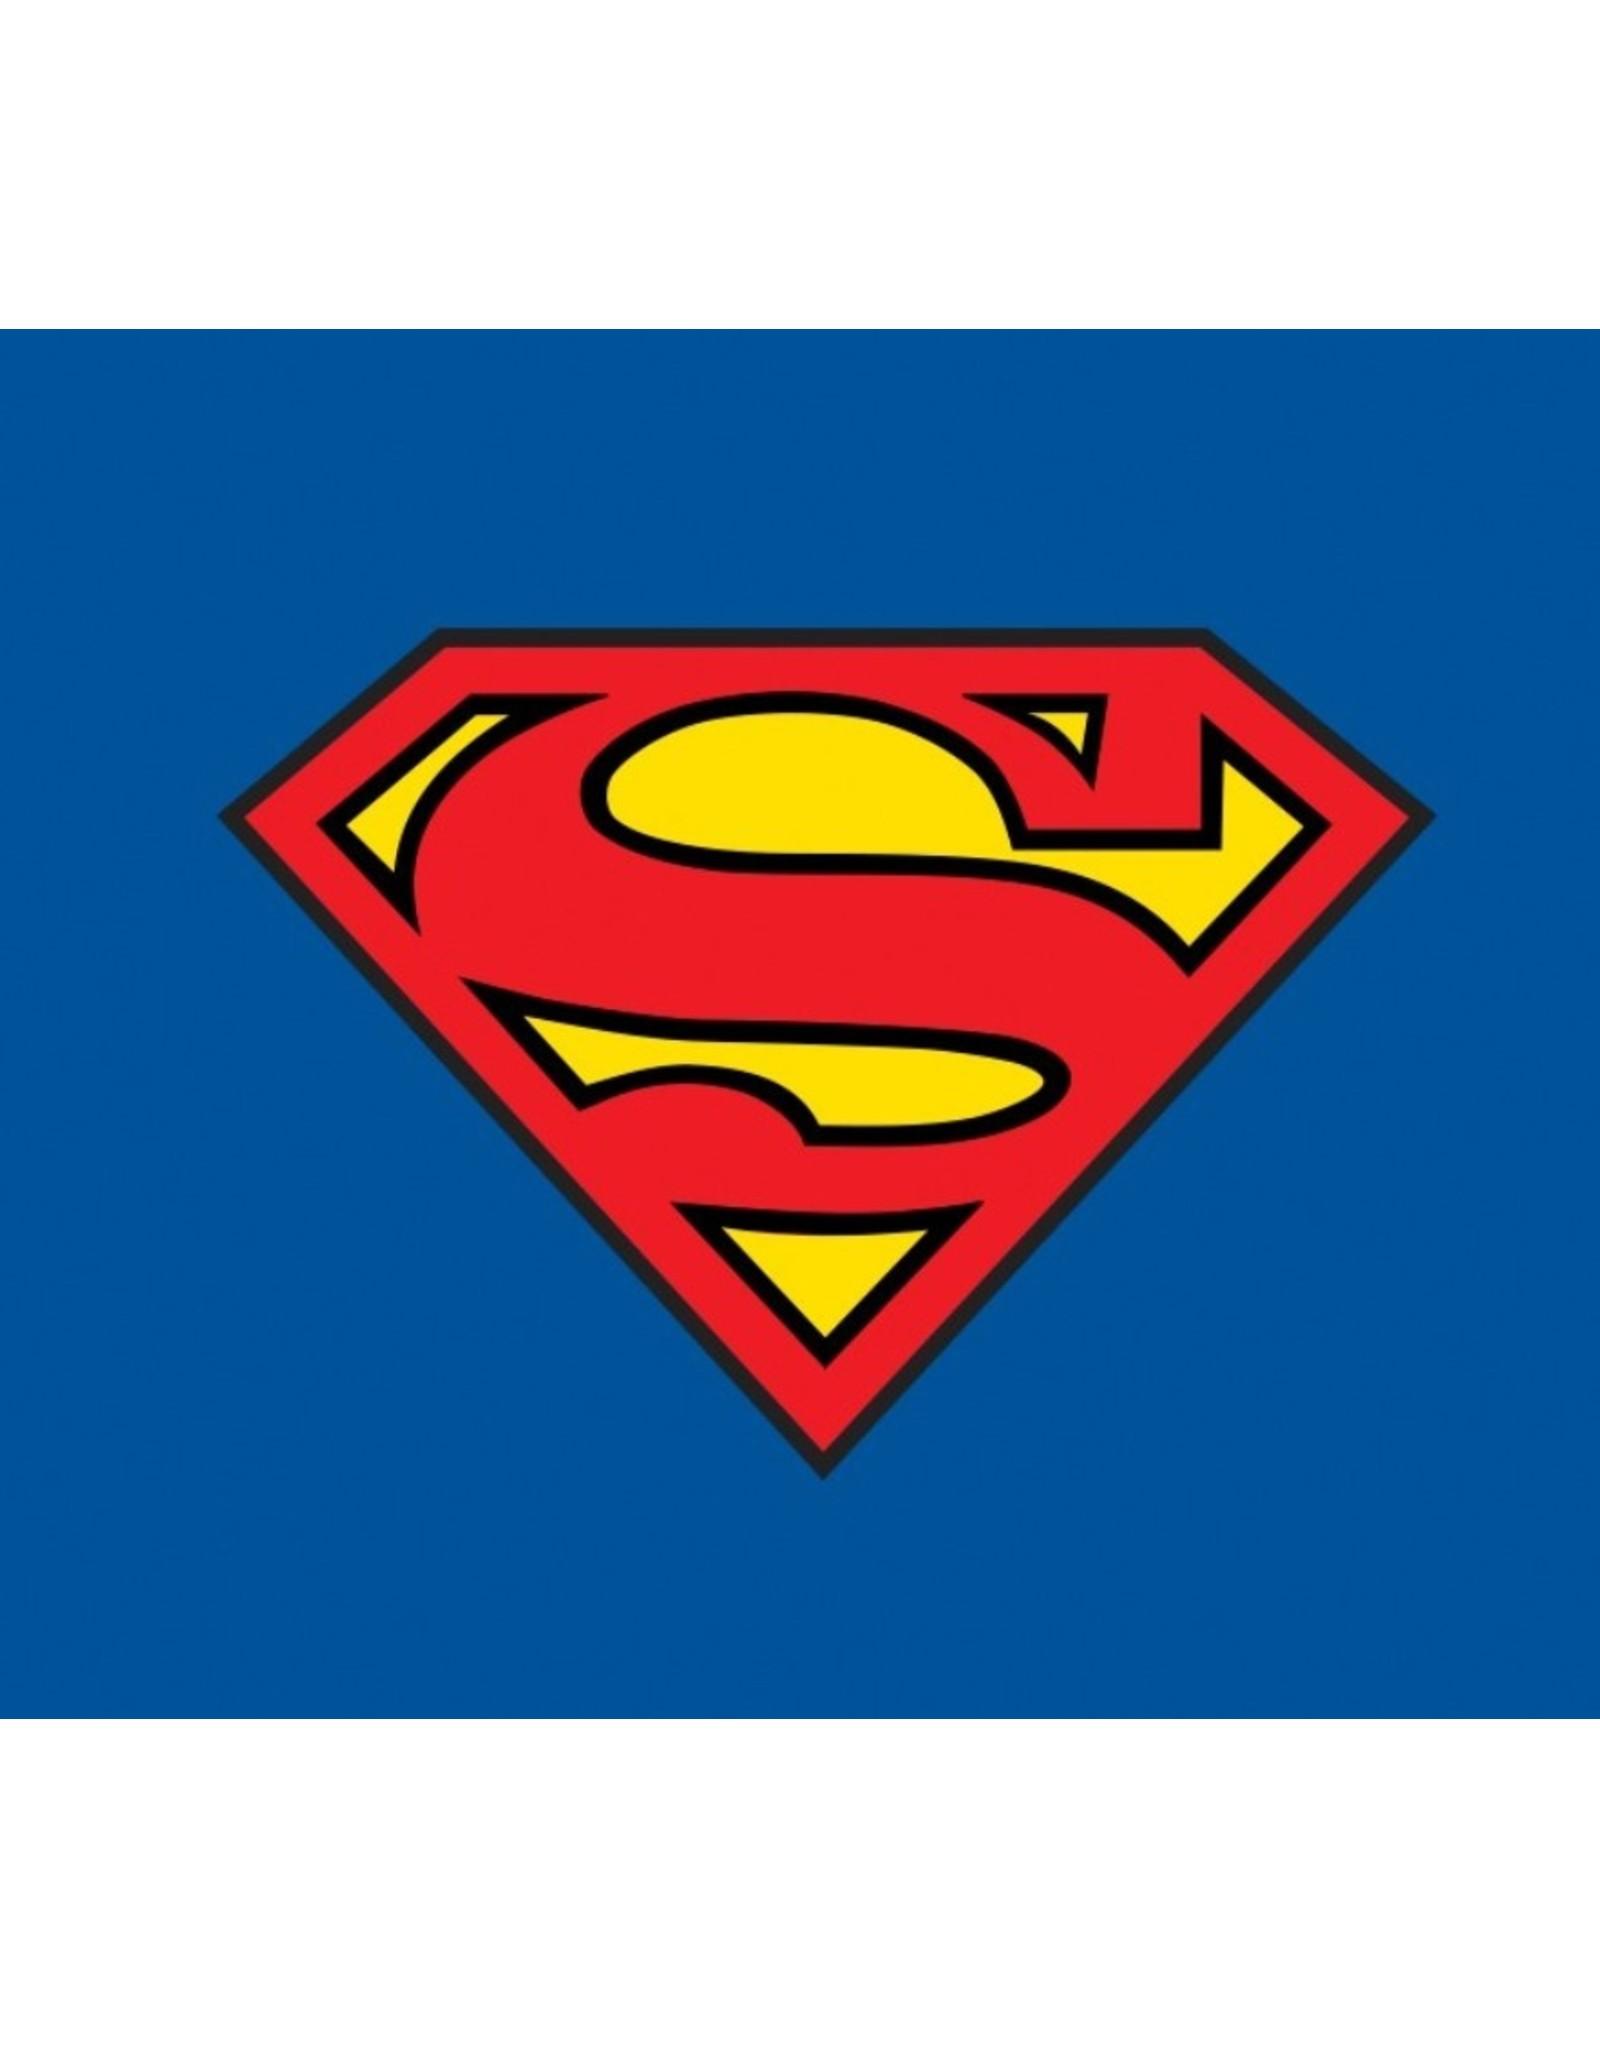 abysse corp Merchandise bags - DC Comics Superman messenger bag